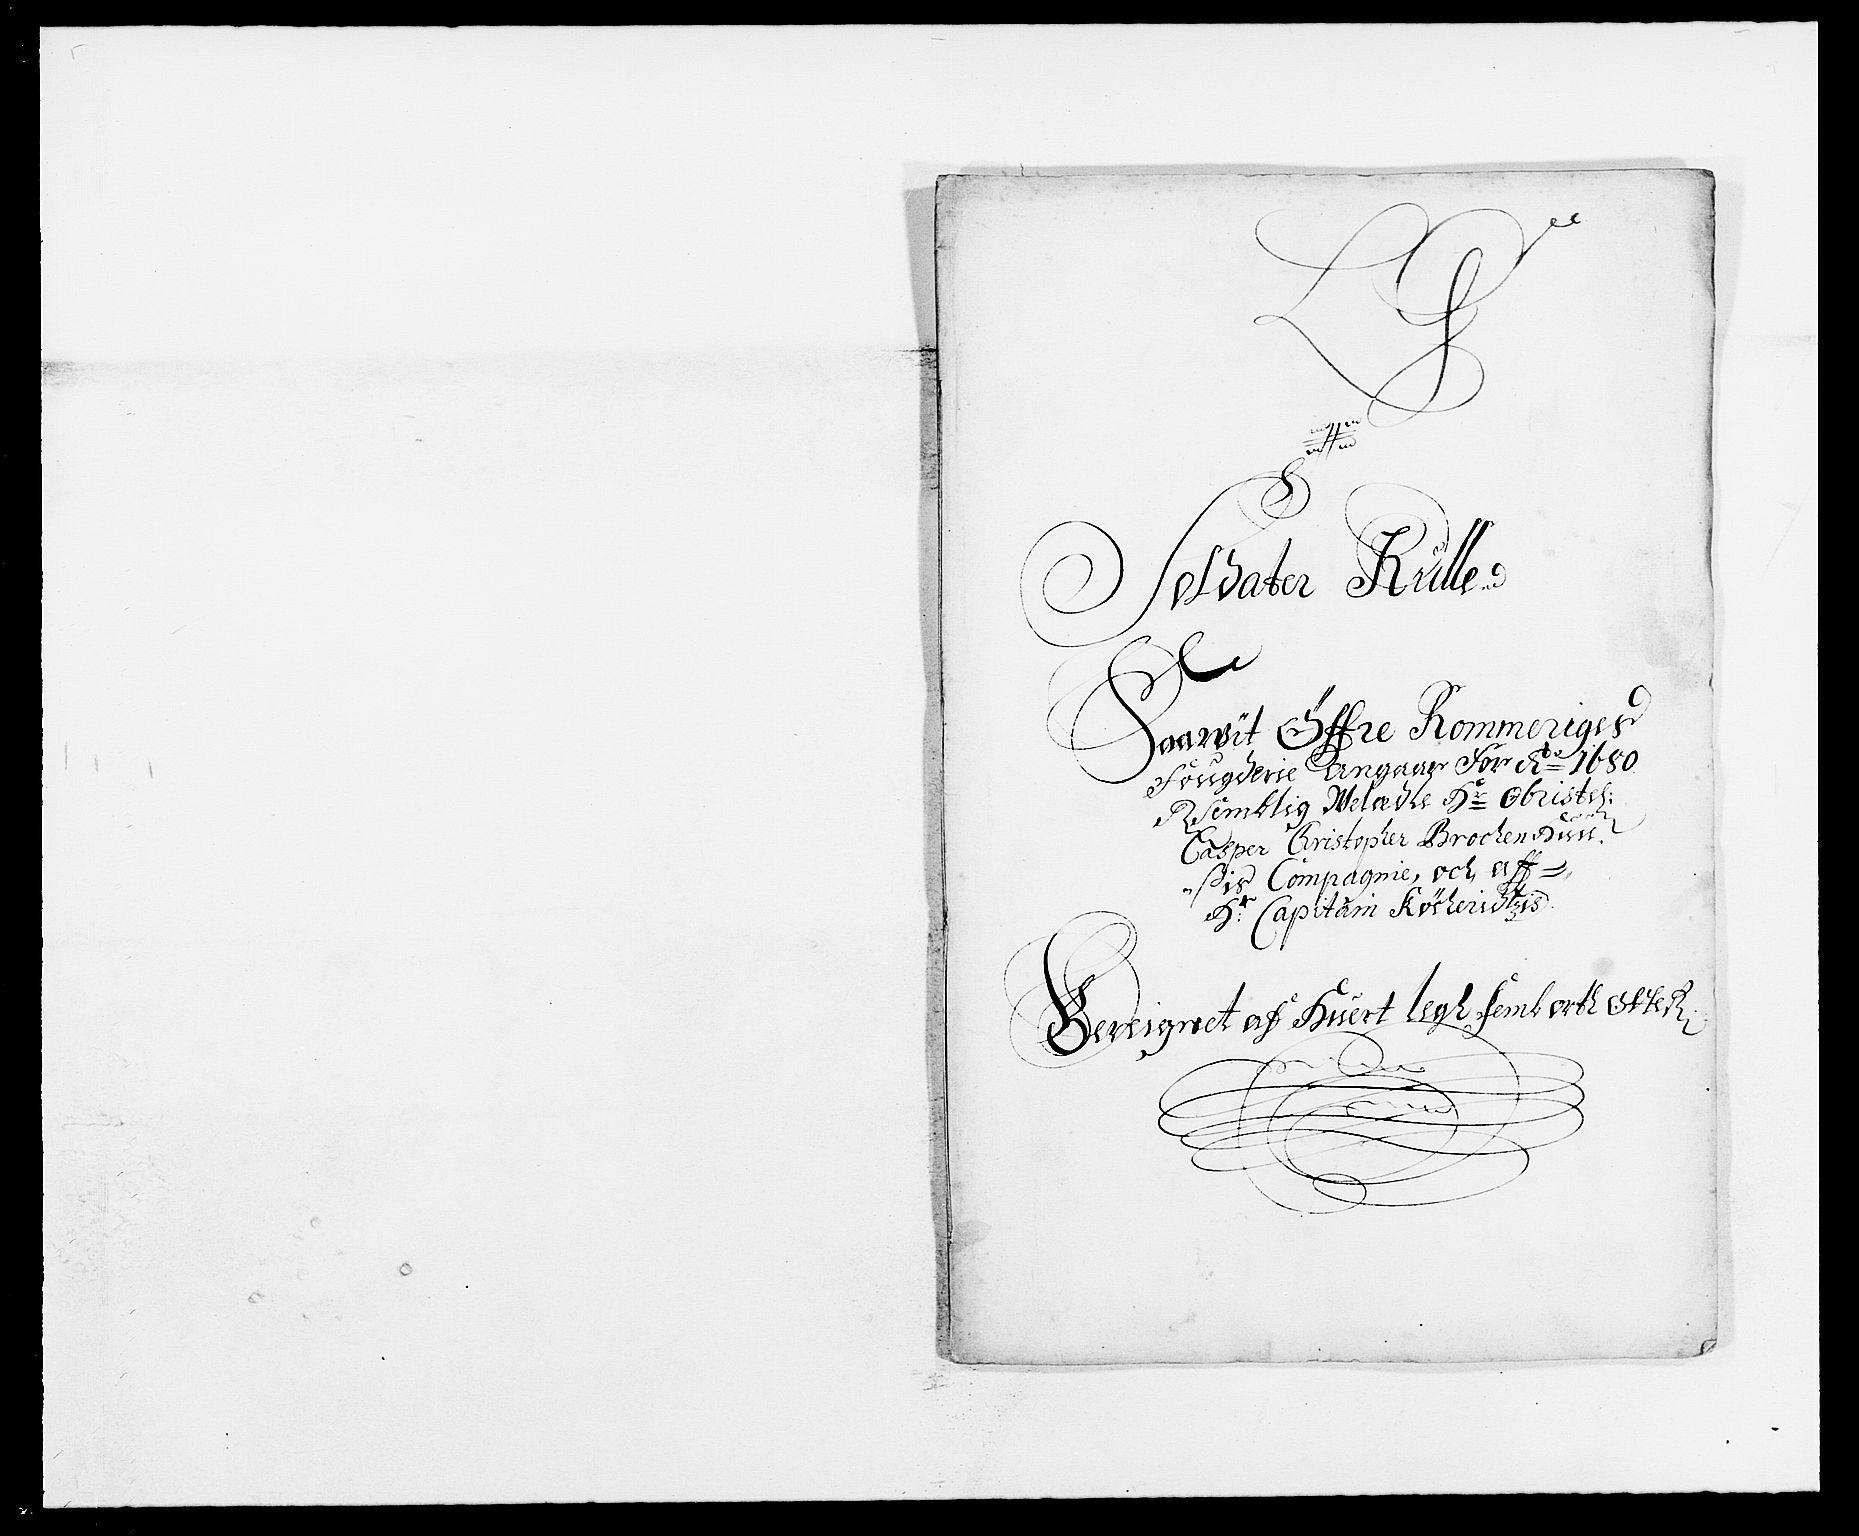 RA, Rentekammeret inntil 1814, Reviderte regnskaper, Fogderegnskap, R12/L0695: Fogderegnskap Øvre Romerike, 1680, s. 241